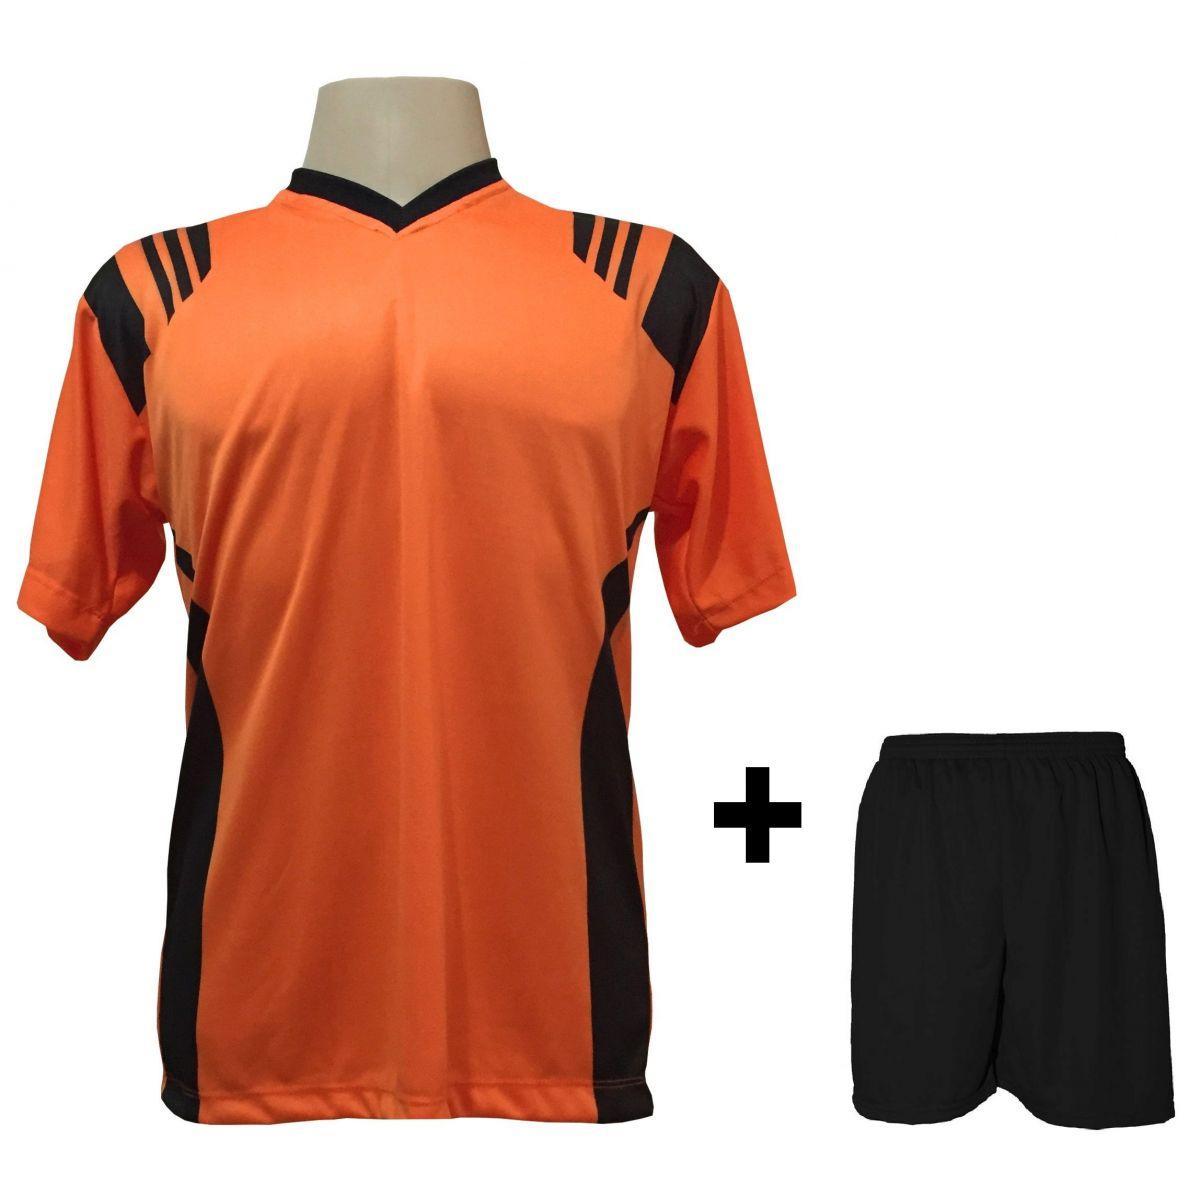 Uniforme Esportivo com 12 camisas modelo Roma Laranja/Preto + 12 calções modelo Madrid Preto + Brindes